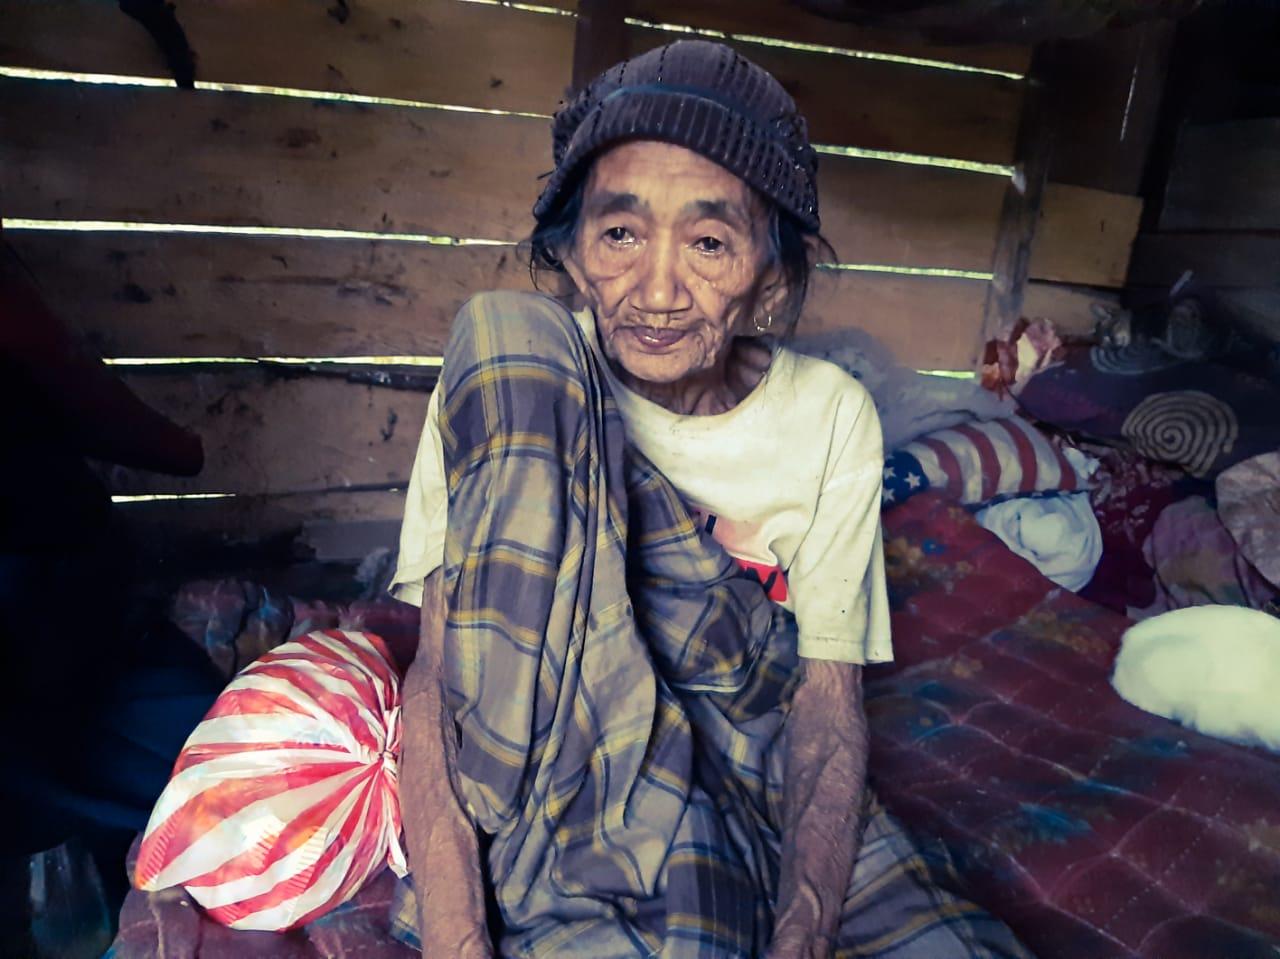 Bungadia, Warga Desa Ladumpi, Kec. Rarowatu saat dikunjungi awak media baru-baru ini dipondok tempat tinggalnya